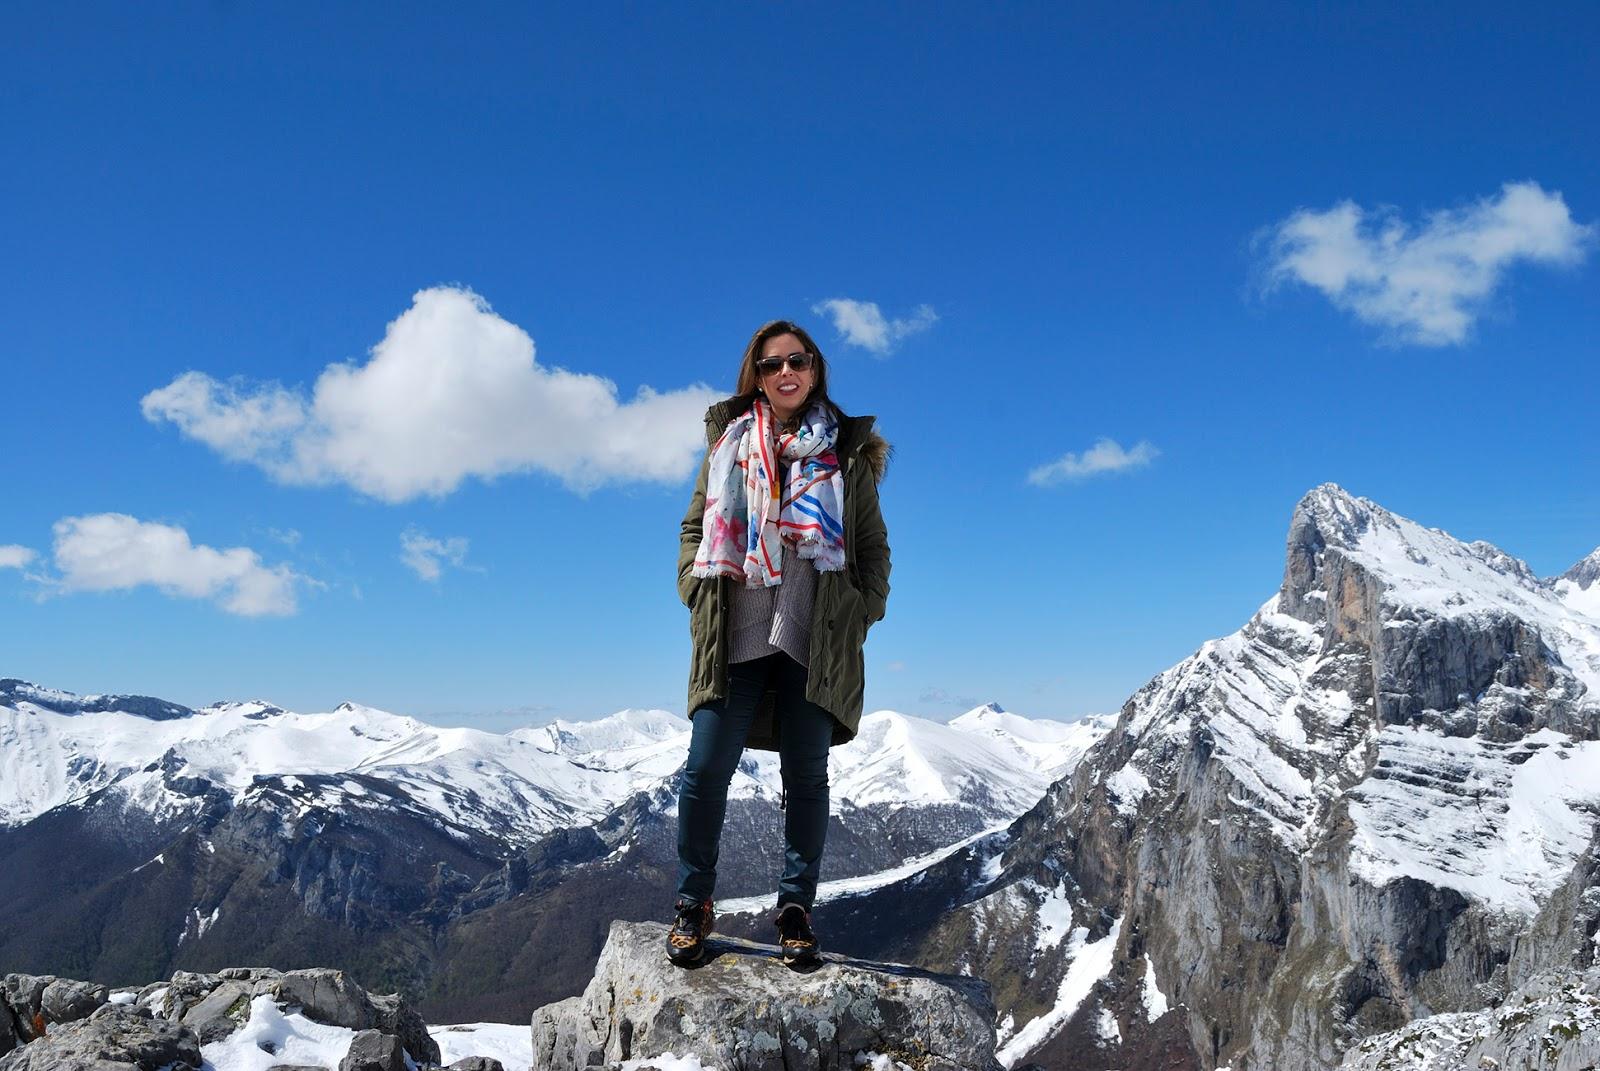 fuente dé cantabria picos europa españa montaña teleferico aerial cable car spain mountain